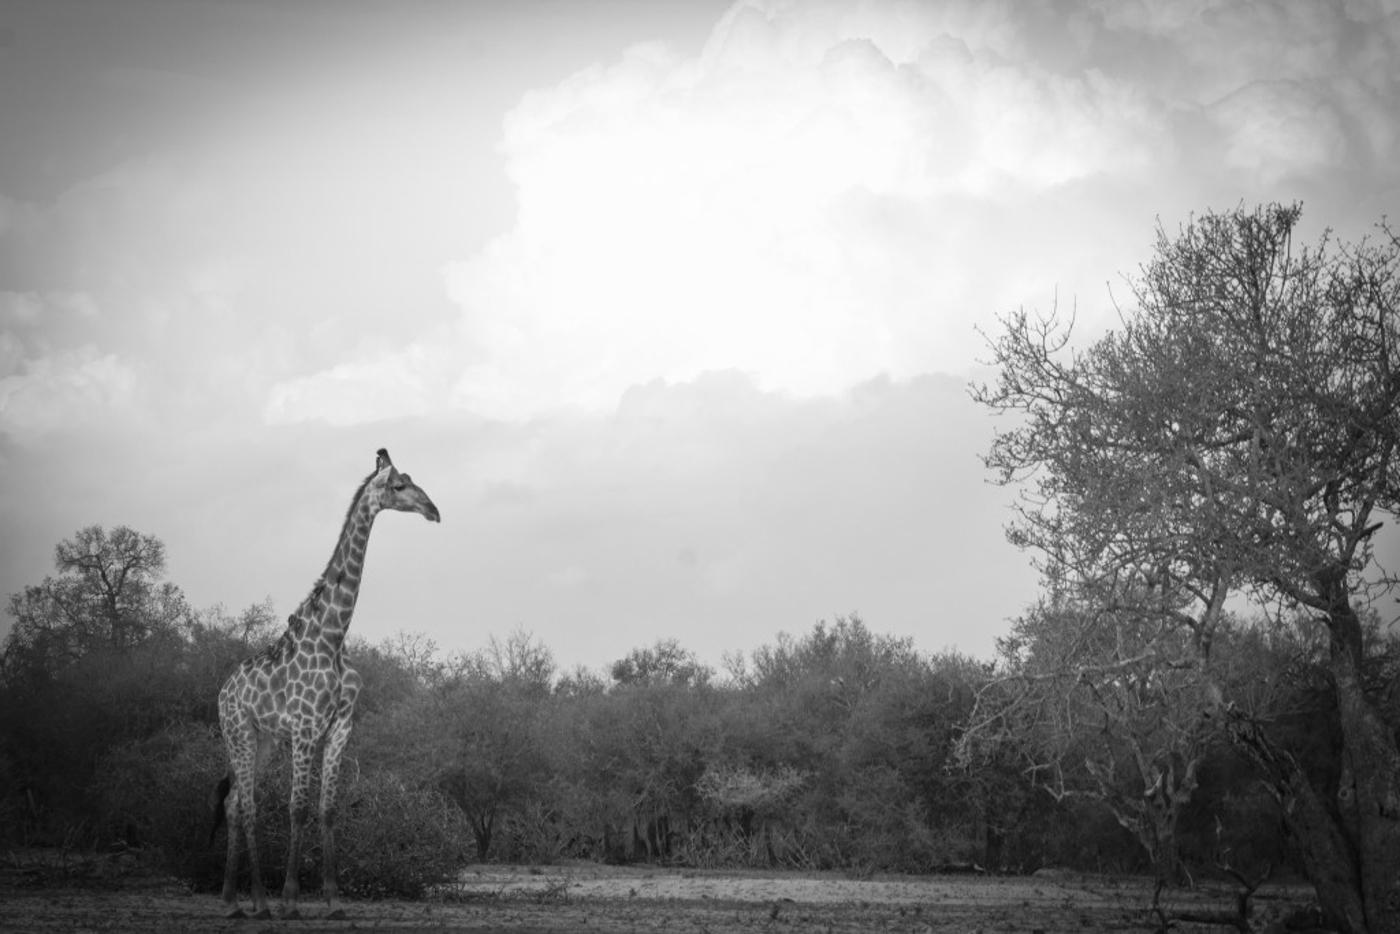 giraffe-bw